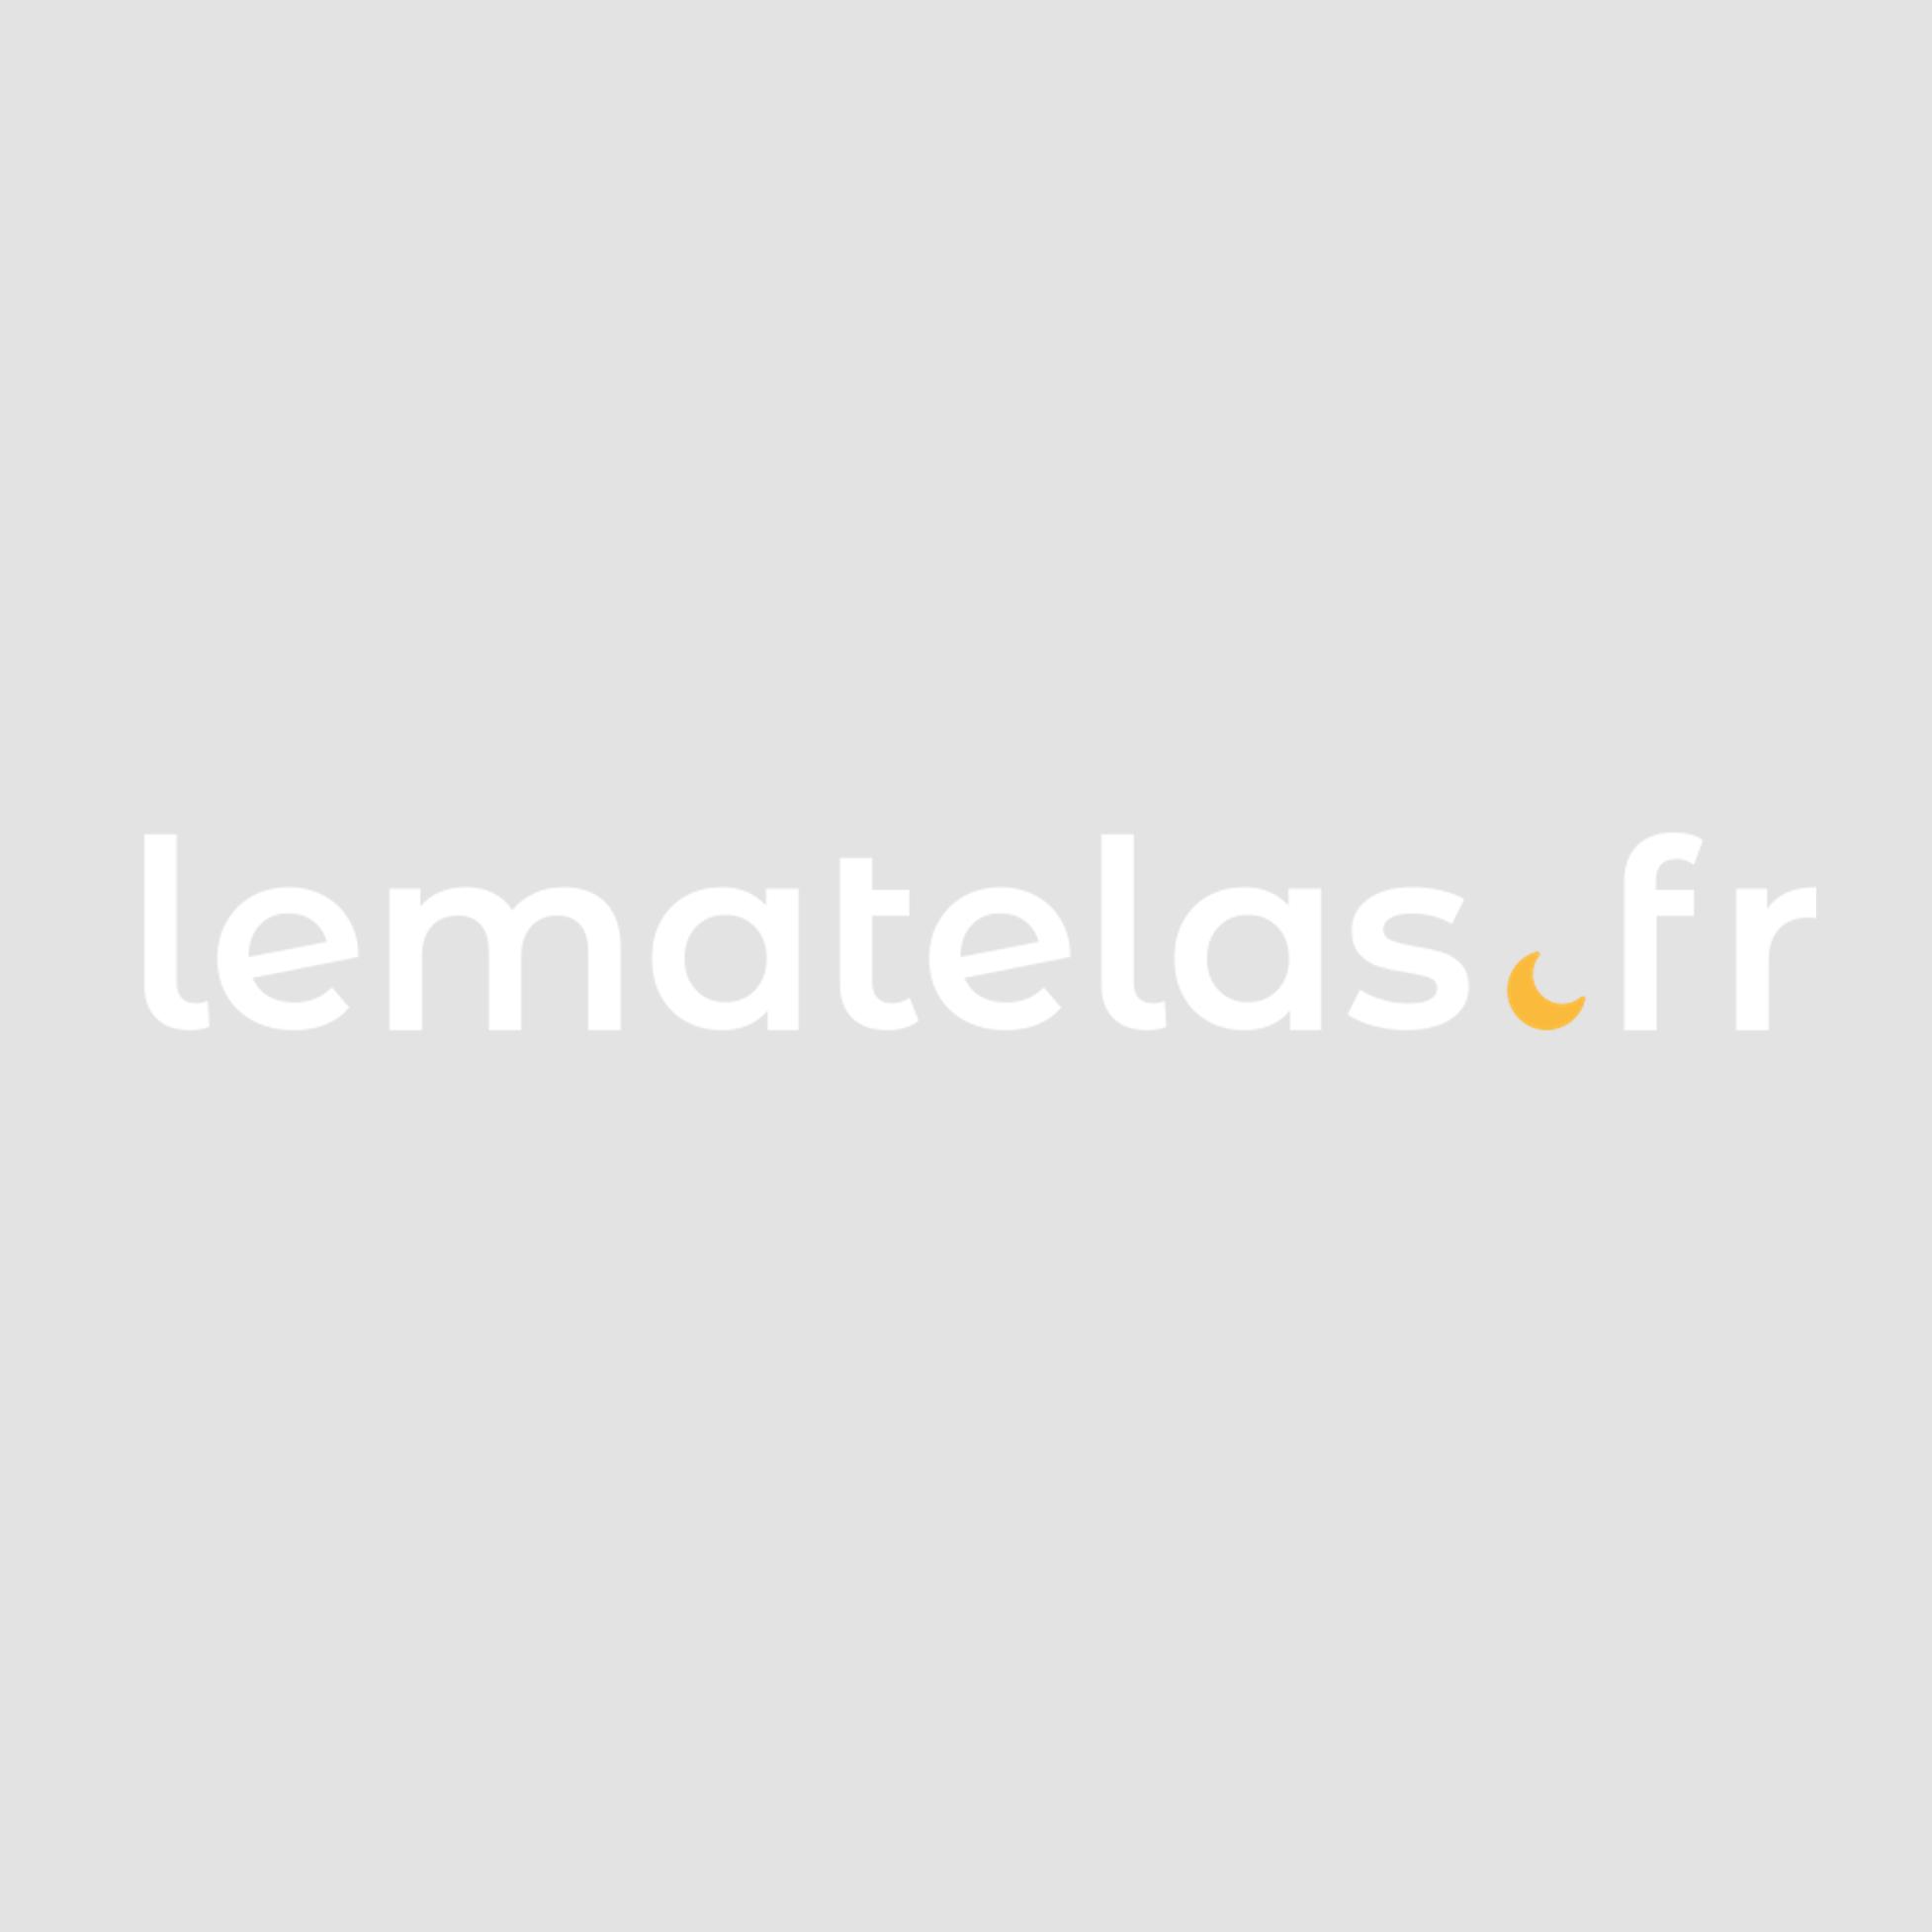 lit bois ou m tal pour votre chambre en livraison gratuite. Black Bedroom Furniture Sets. Home Design Ideas